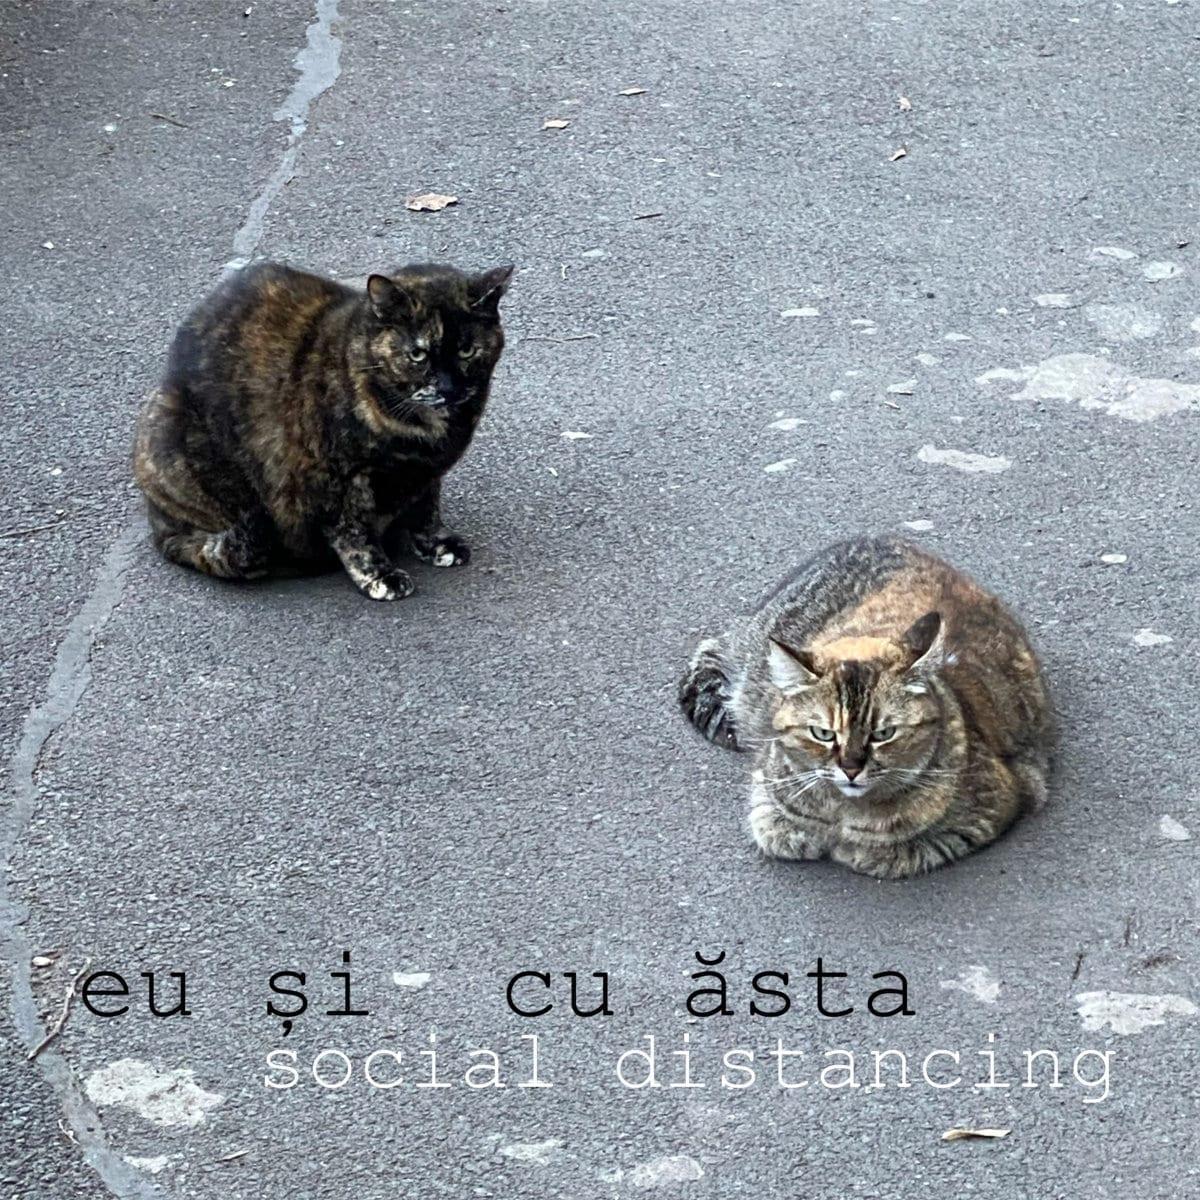 Eu și cu ăsta (Kozo & Andrei Ciubuc) - Social Distancing LP